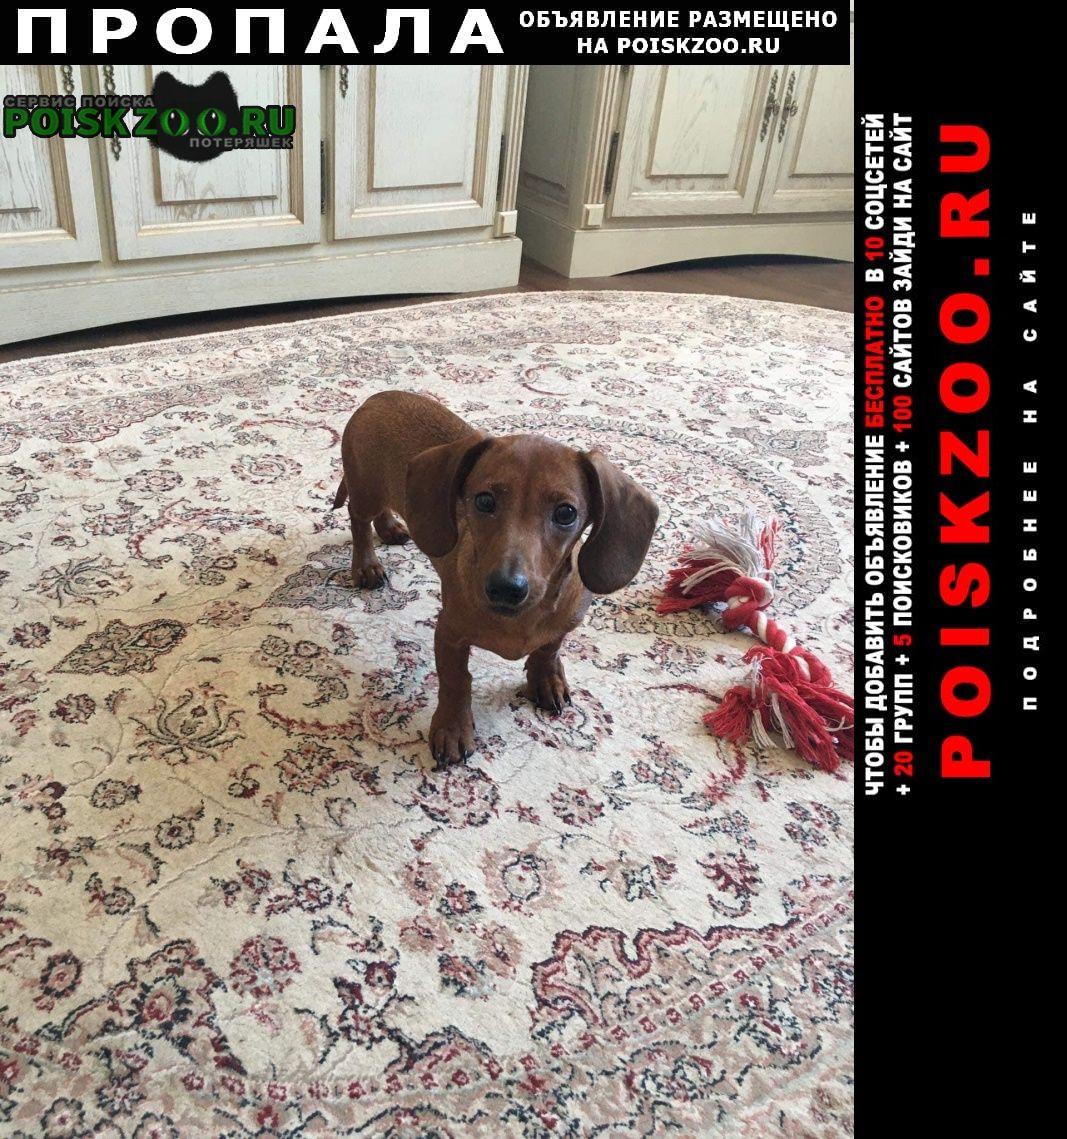 Пропала собака кобель щенок таксы рыжий мальчик Москва